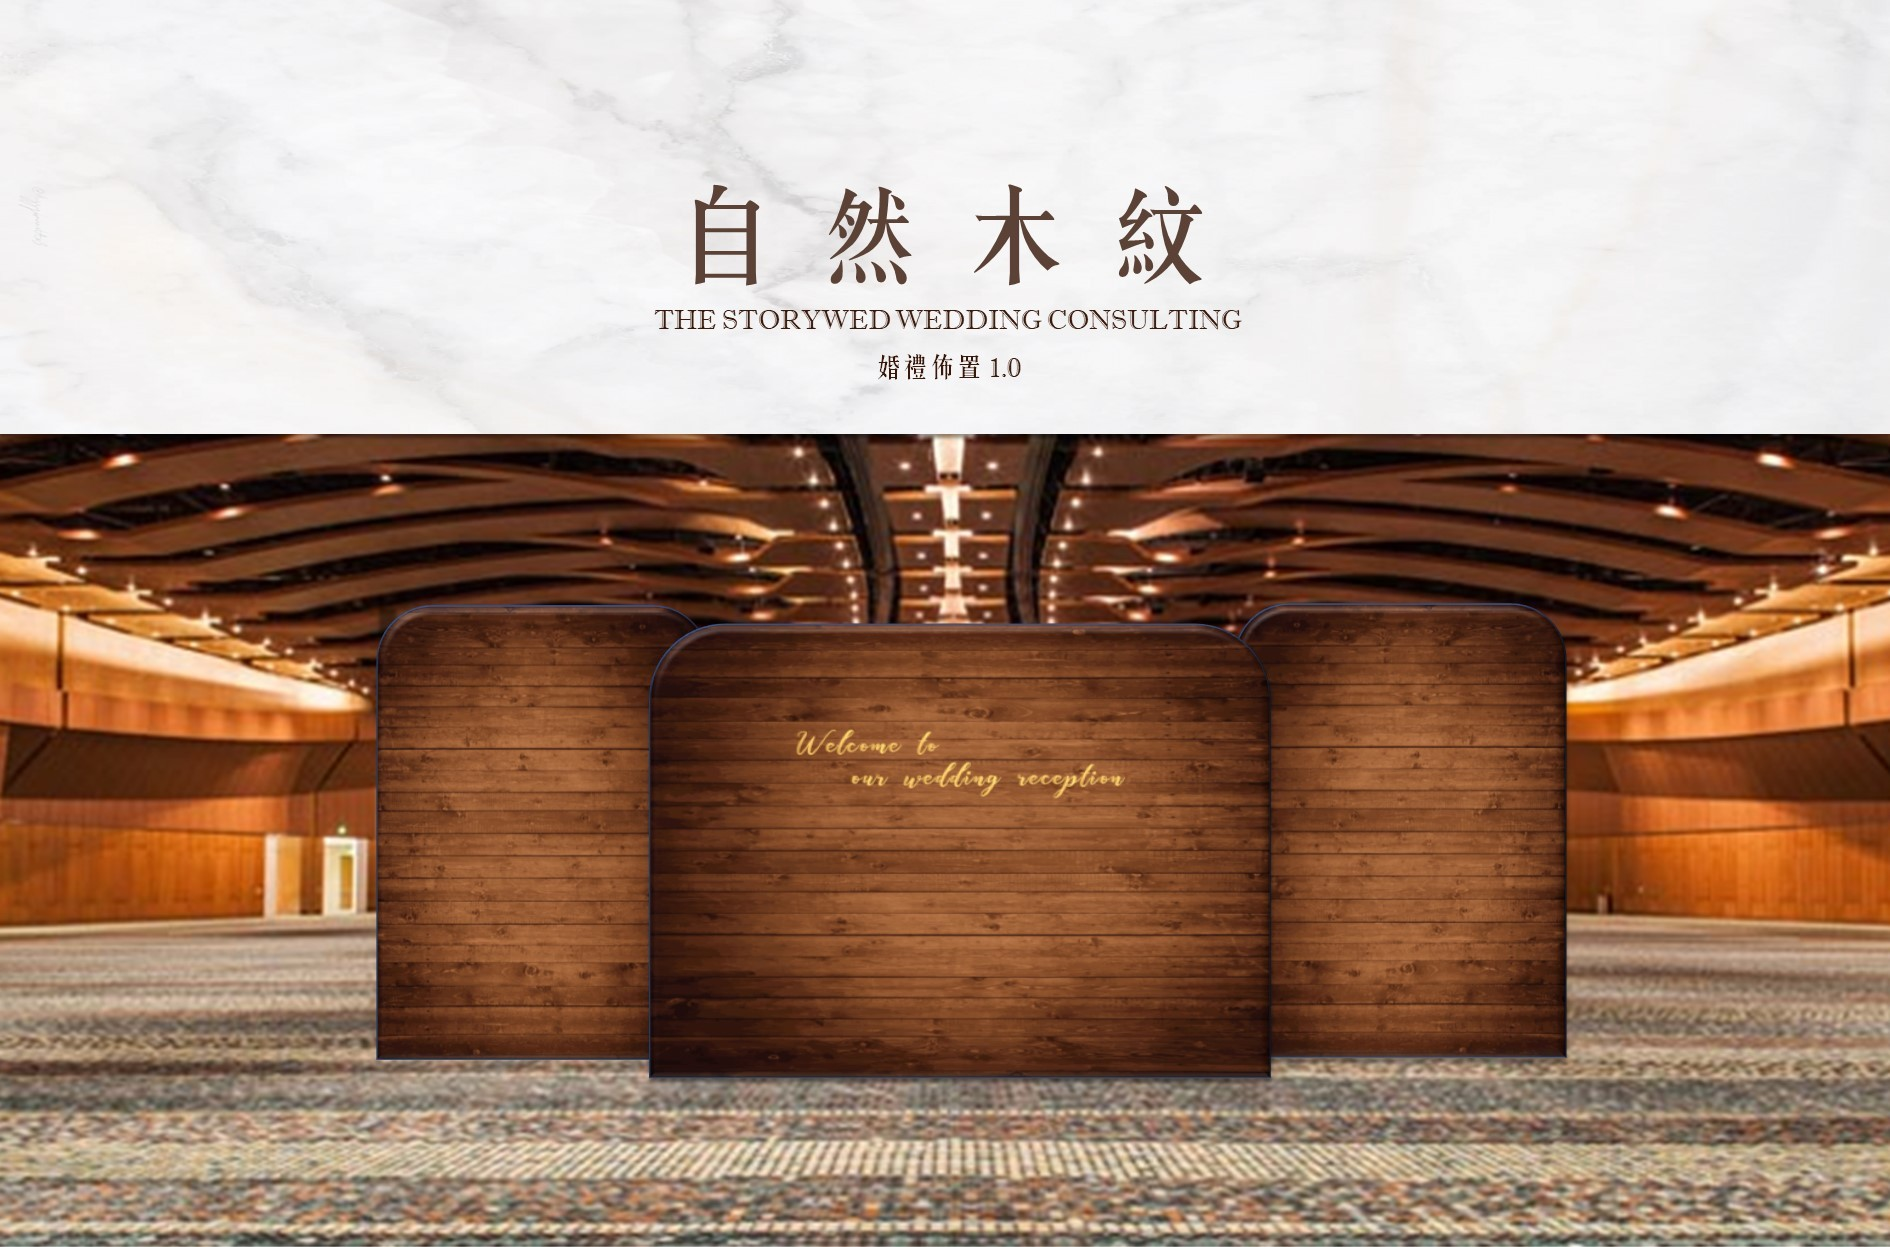 〖婚禮佈置1.0〗自然木紋